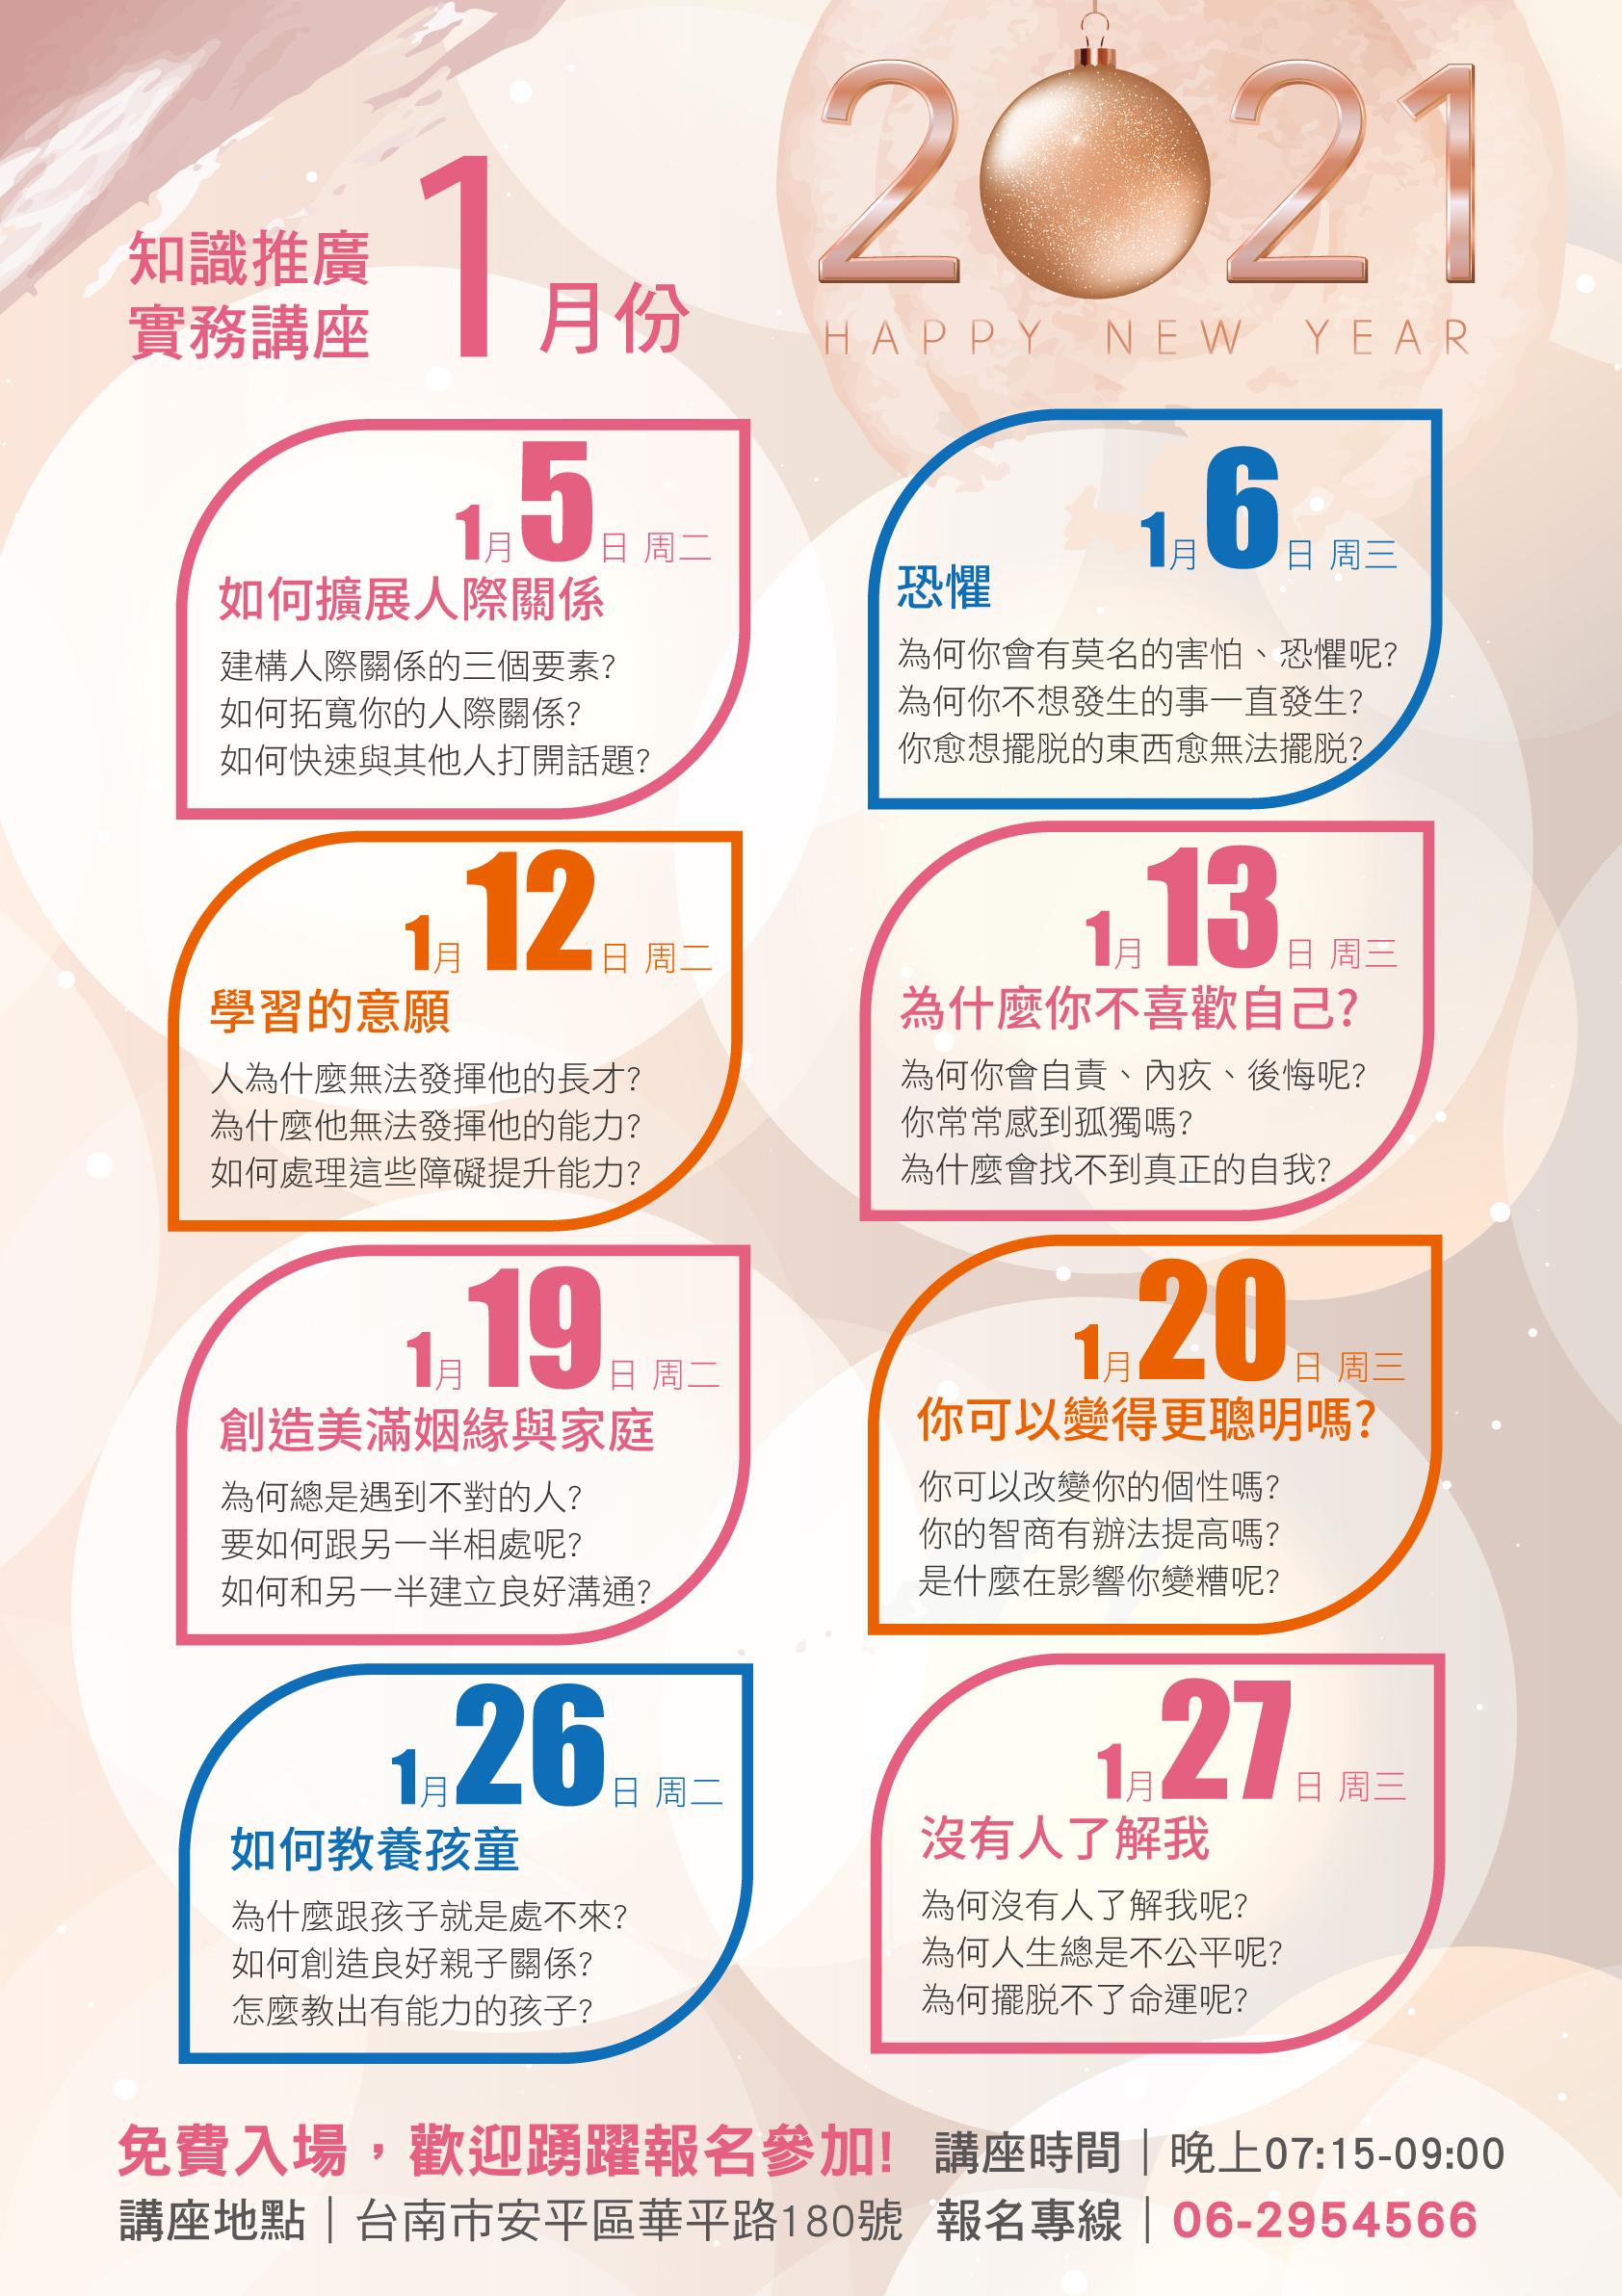 2021年-1月份演講行事曆